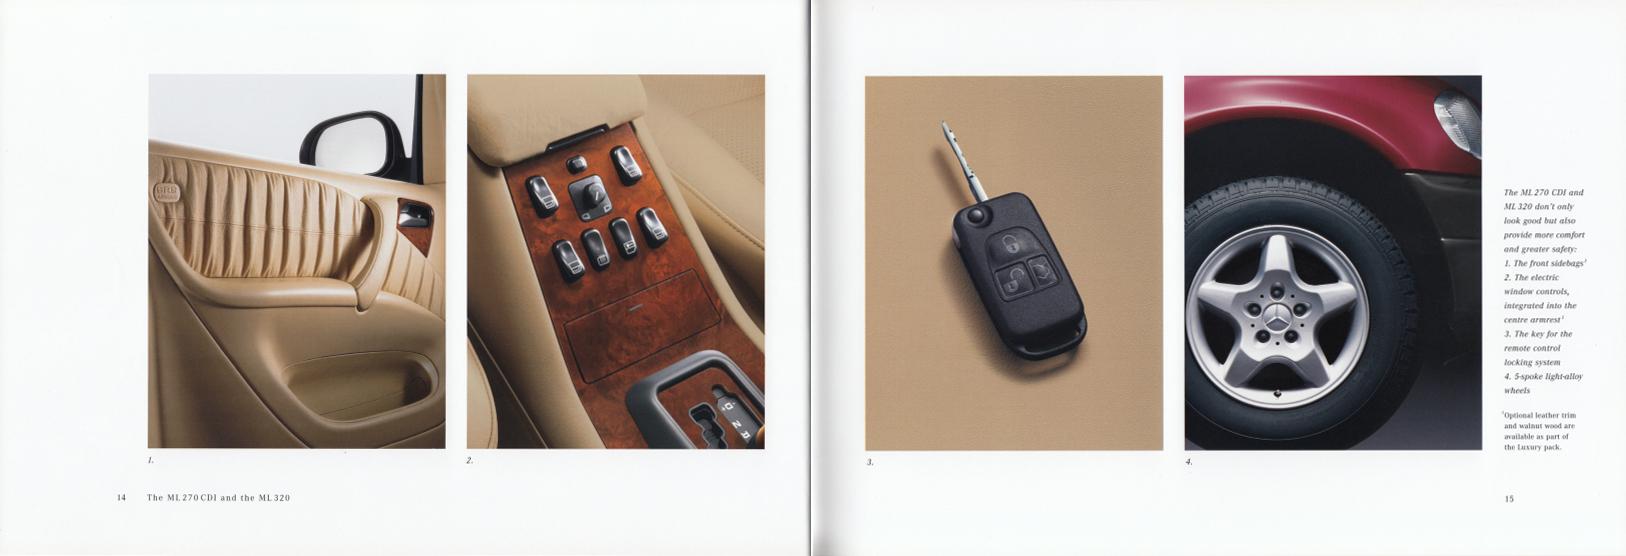 (W163): Catálogo 2001 (1) - inglês 009